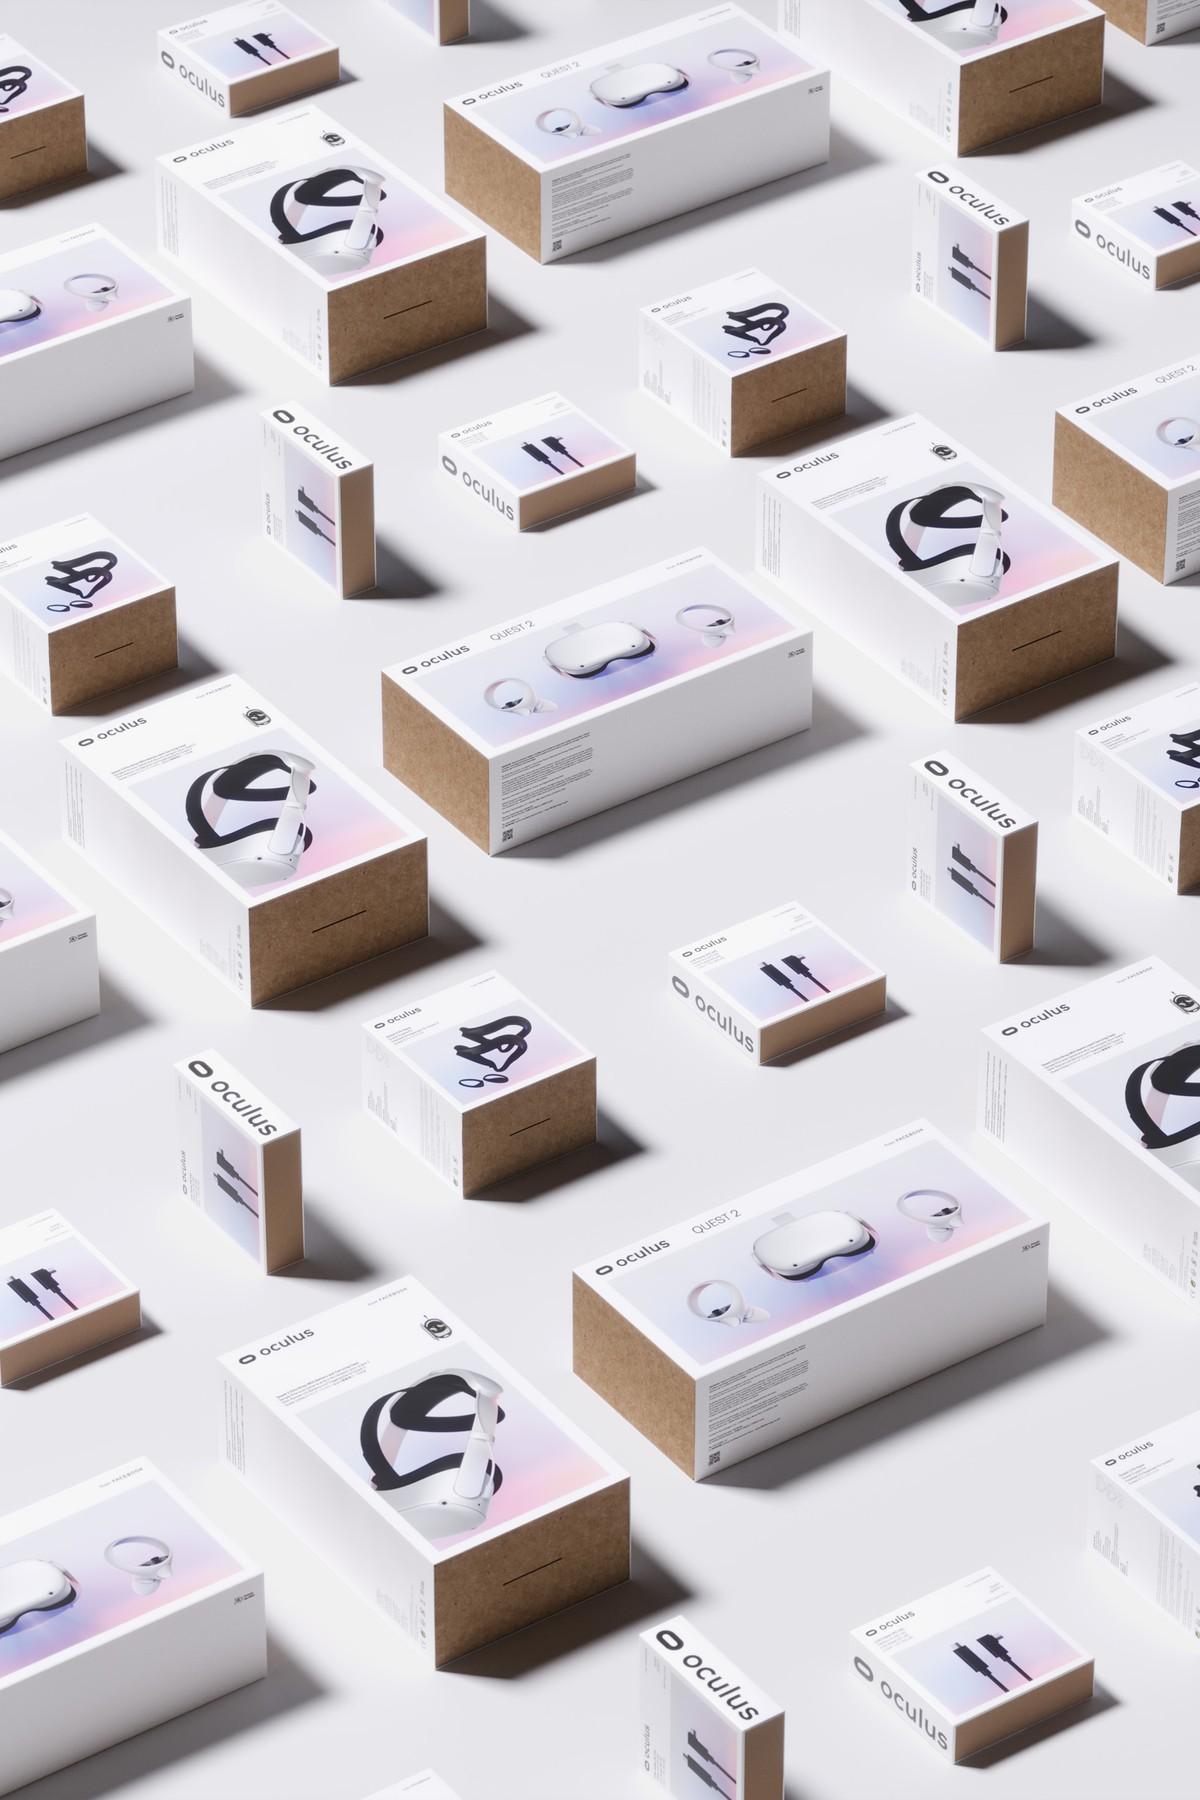 packaging_grid_04-1.jpg